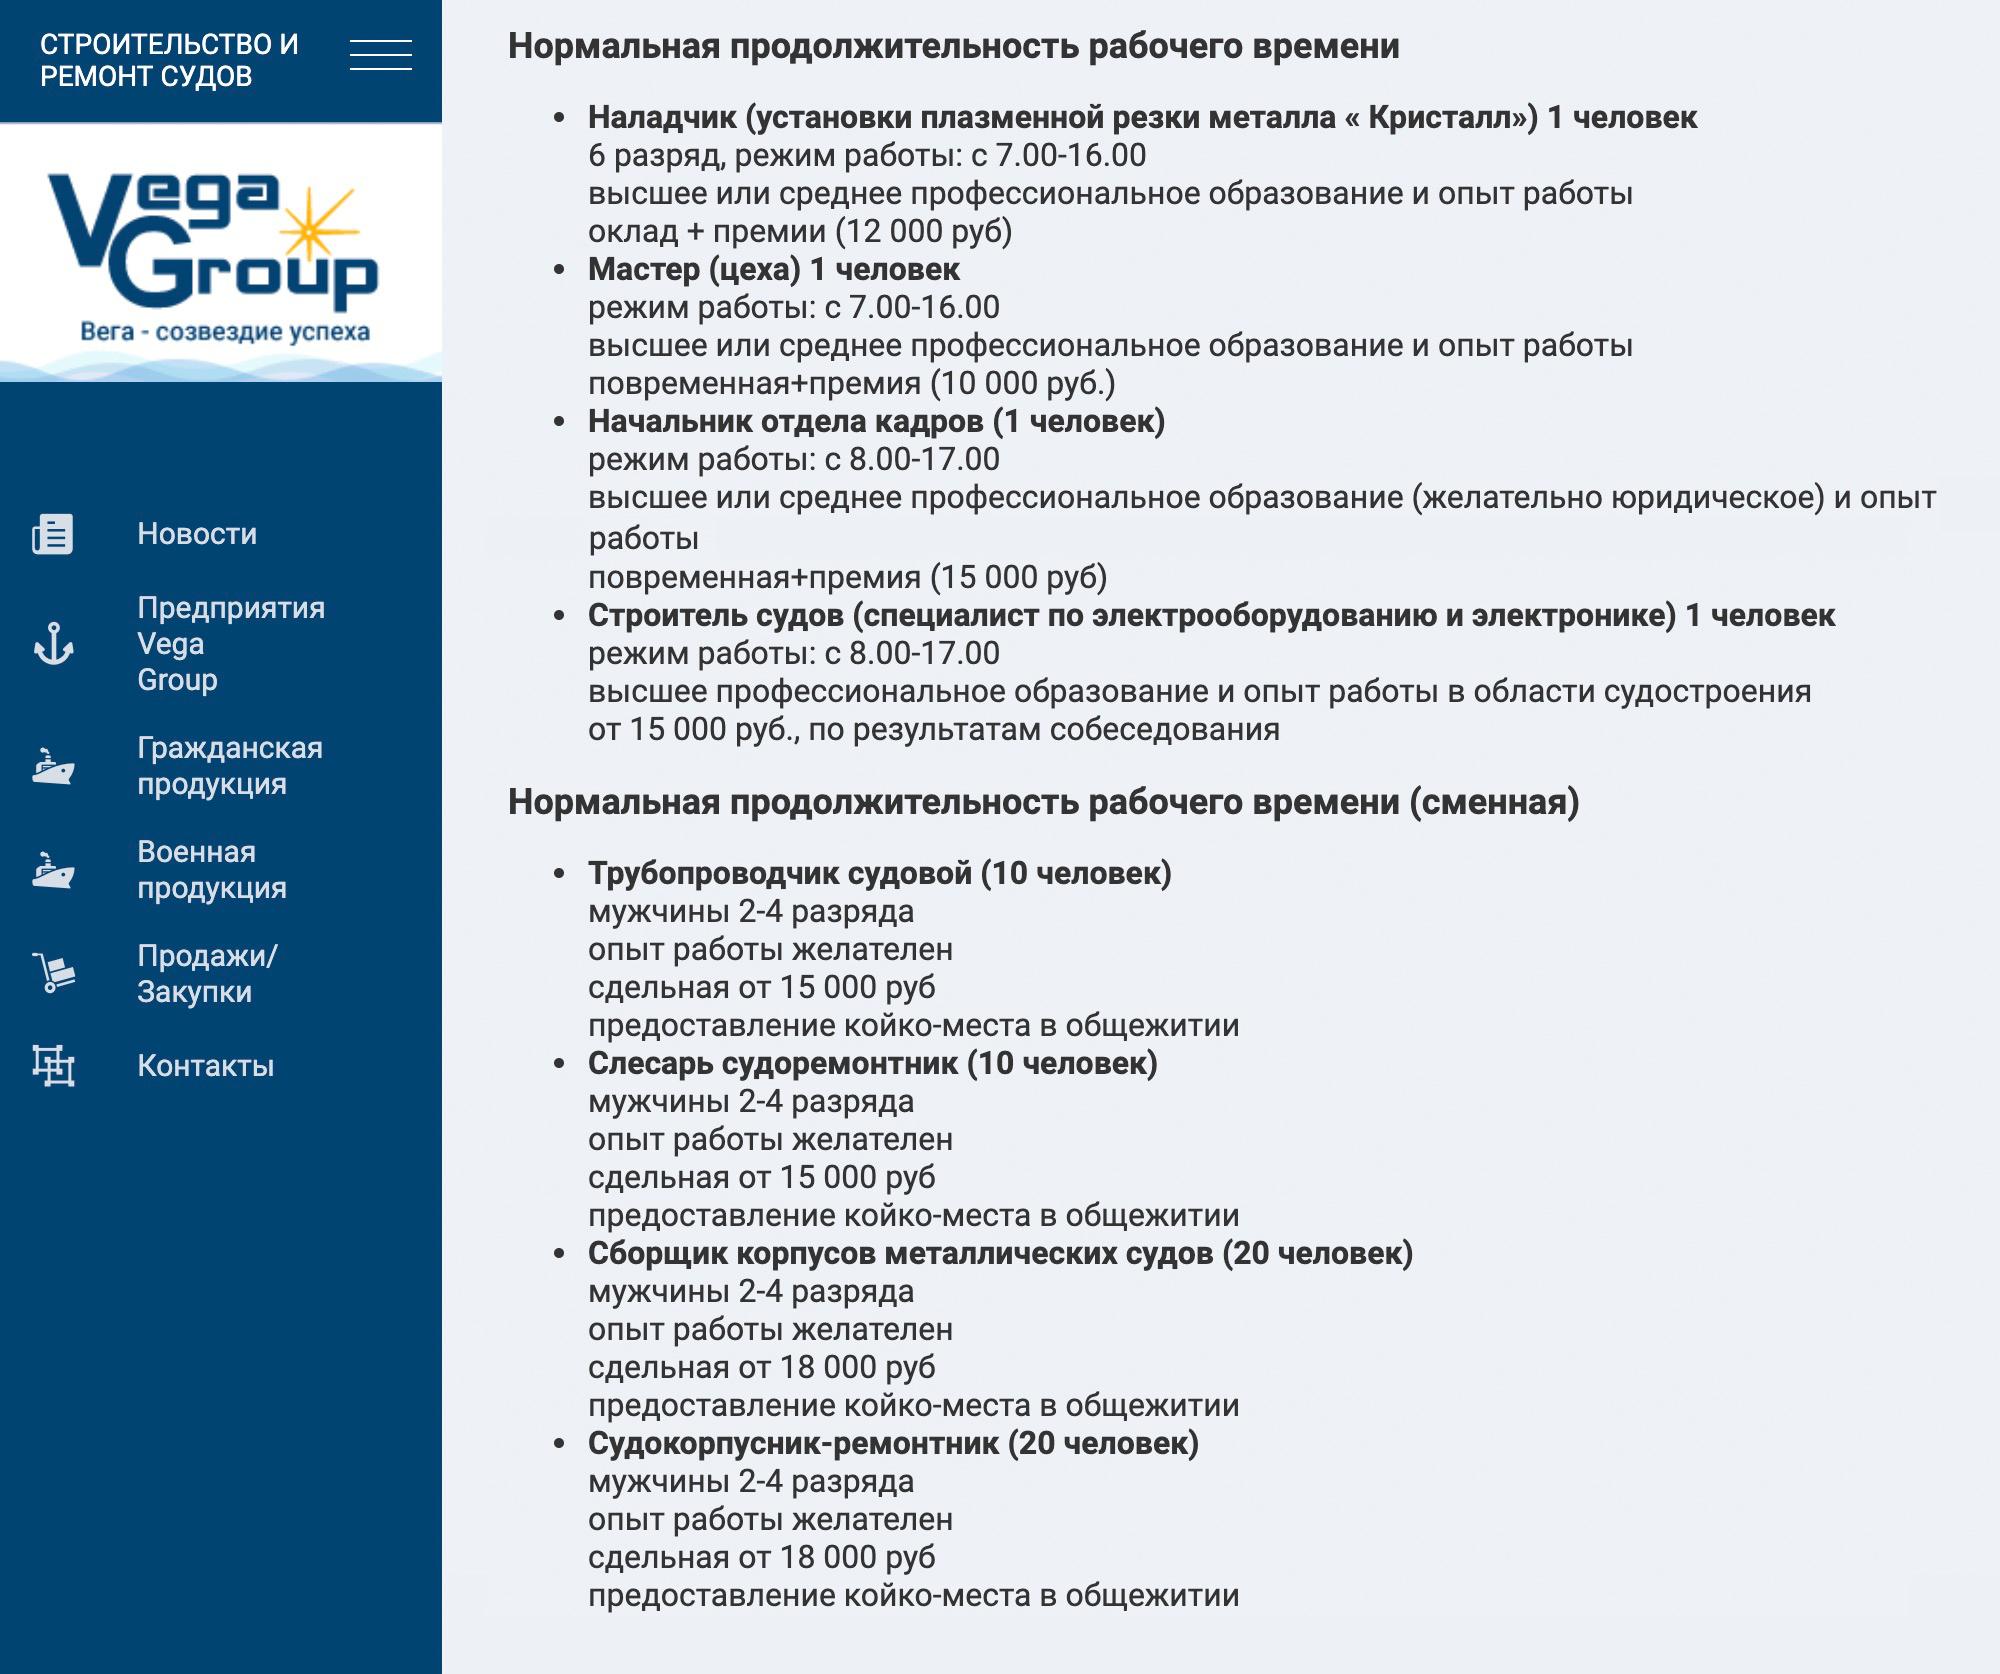 Зарплаты на Ахтубинском судоремонтном заводе — от 10 000 р.